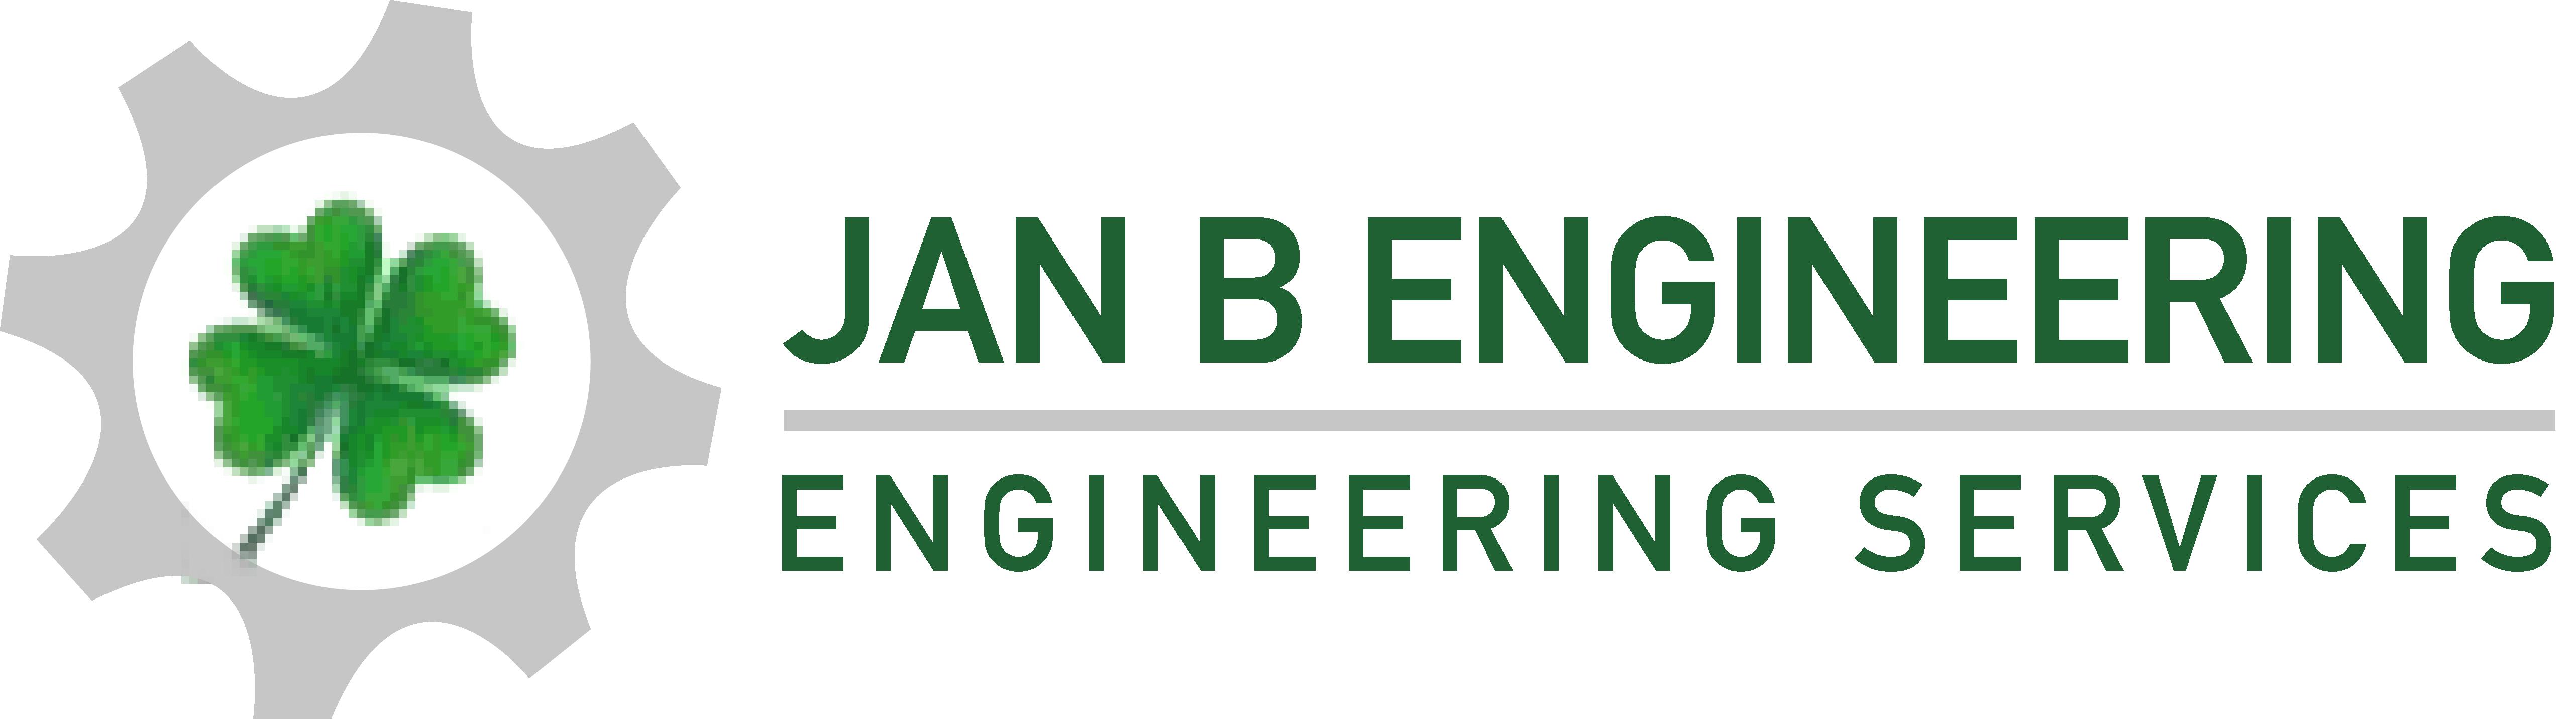 Mechanical engineers | Jan B Engineering Ltd